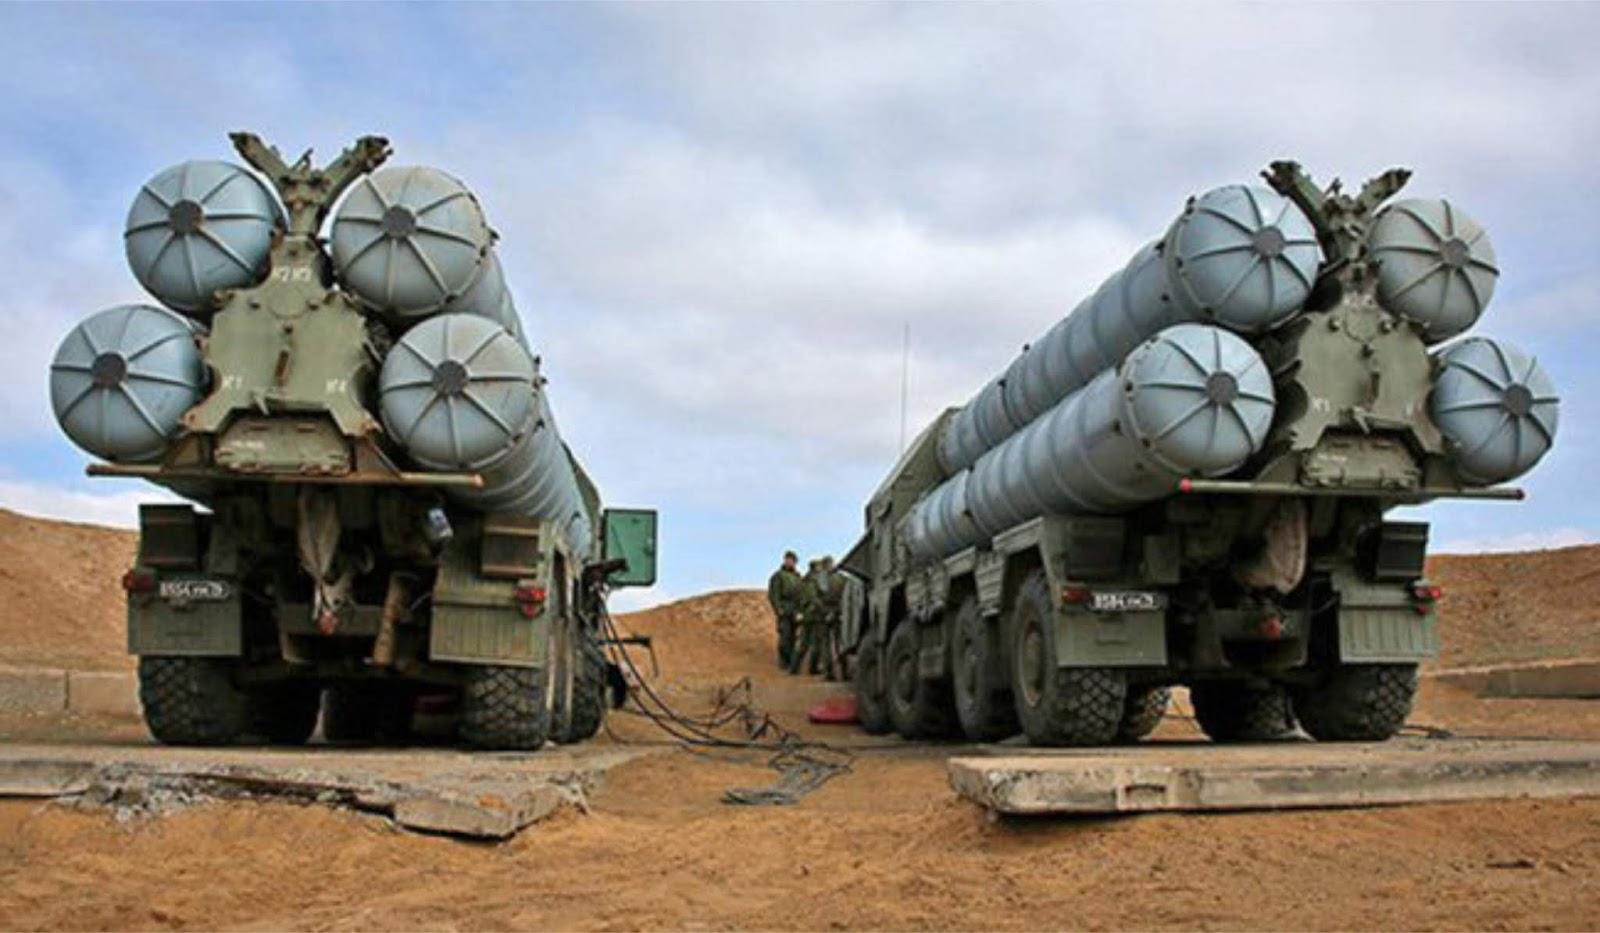 Ahli Rusia akan datang di Turki untuk menginstal sistem pertahanan udara S-400